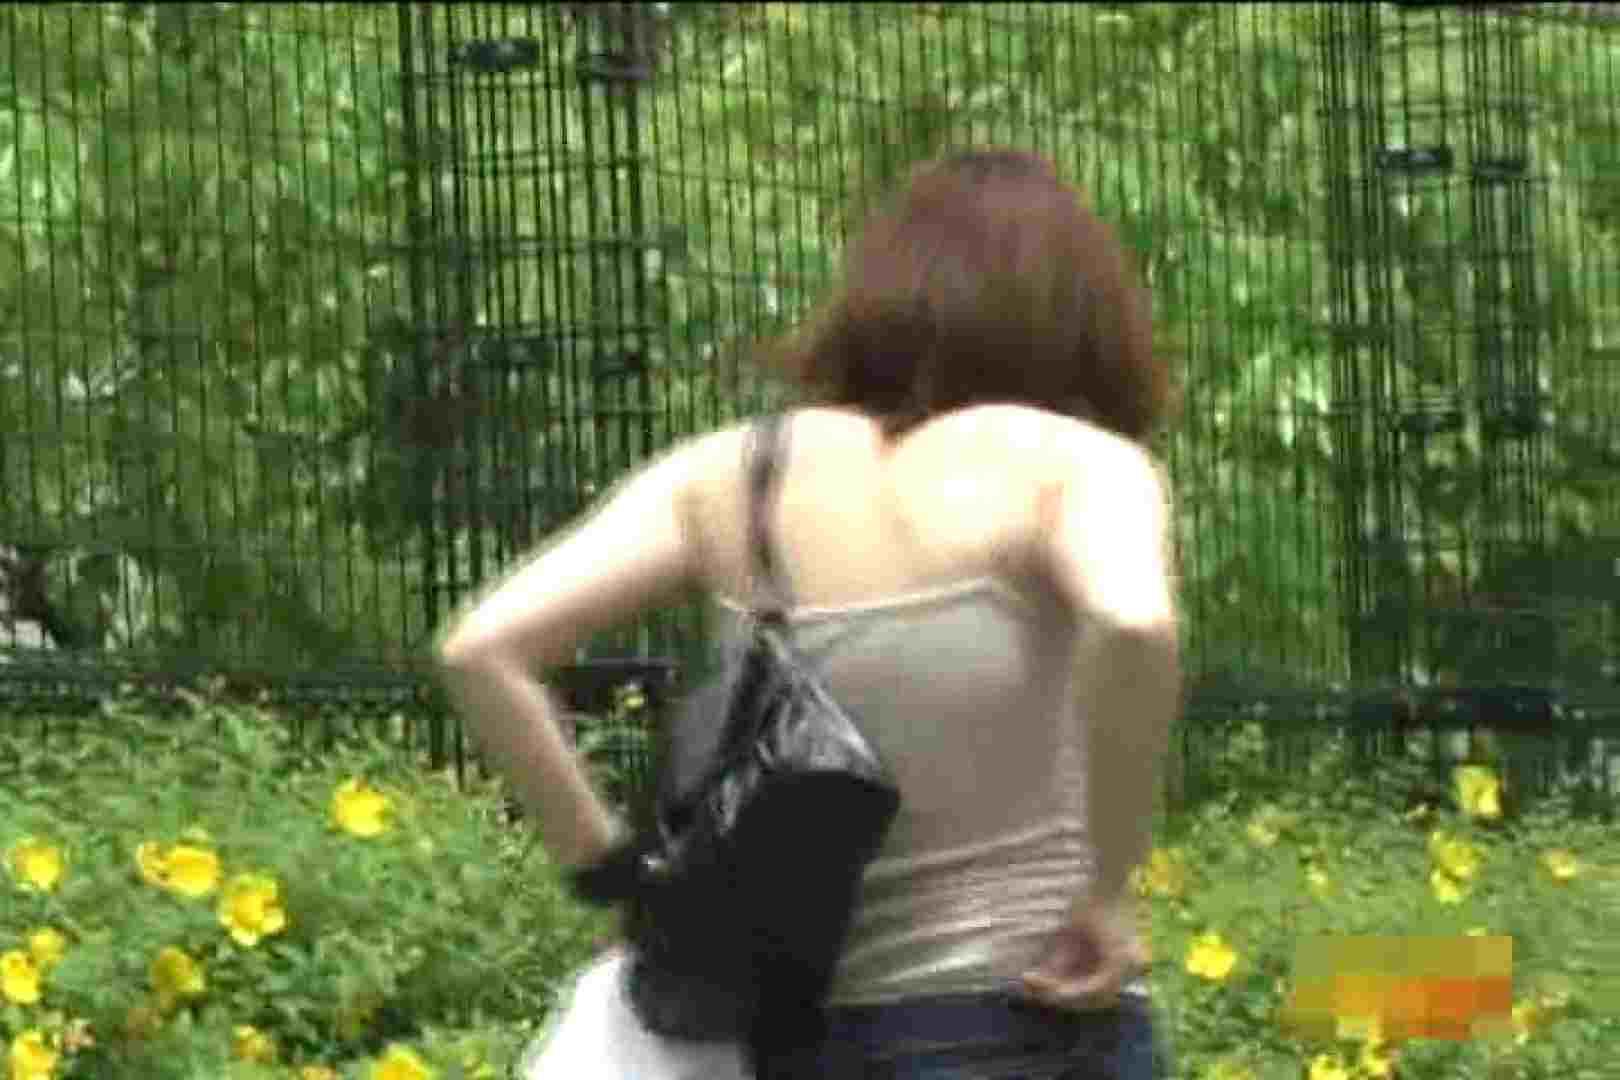 大胆露出胸チラギャル大量発生中!!Vol.1 胸チラ セックス画像 98画像 53